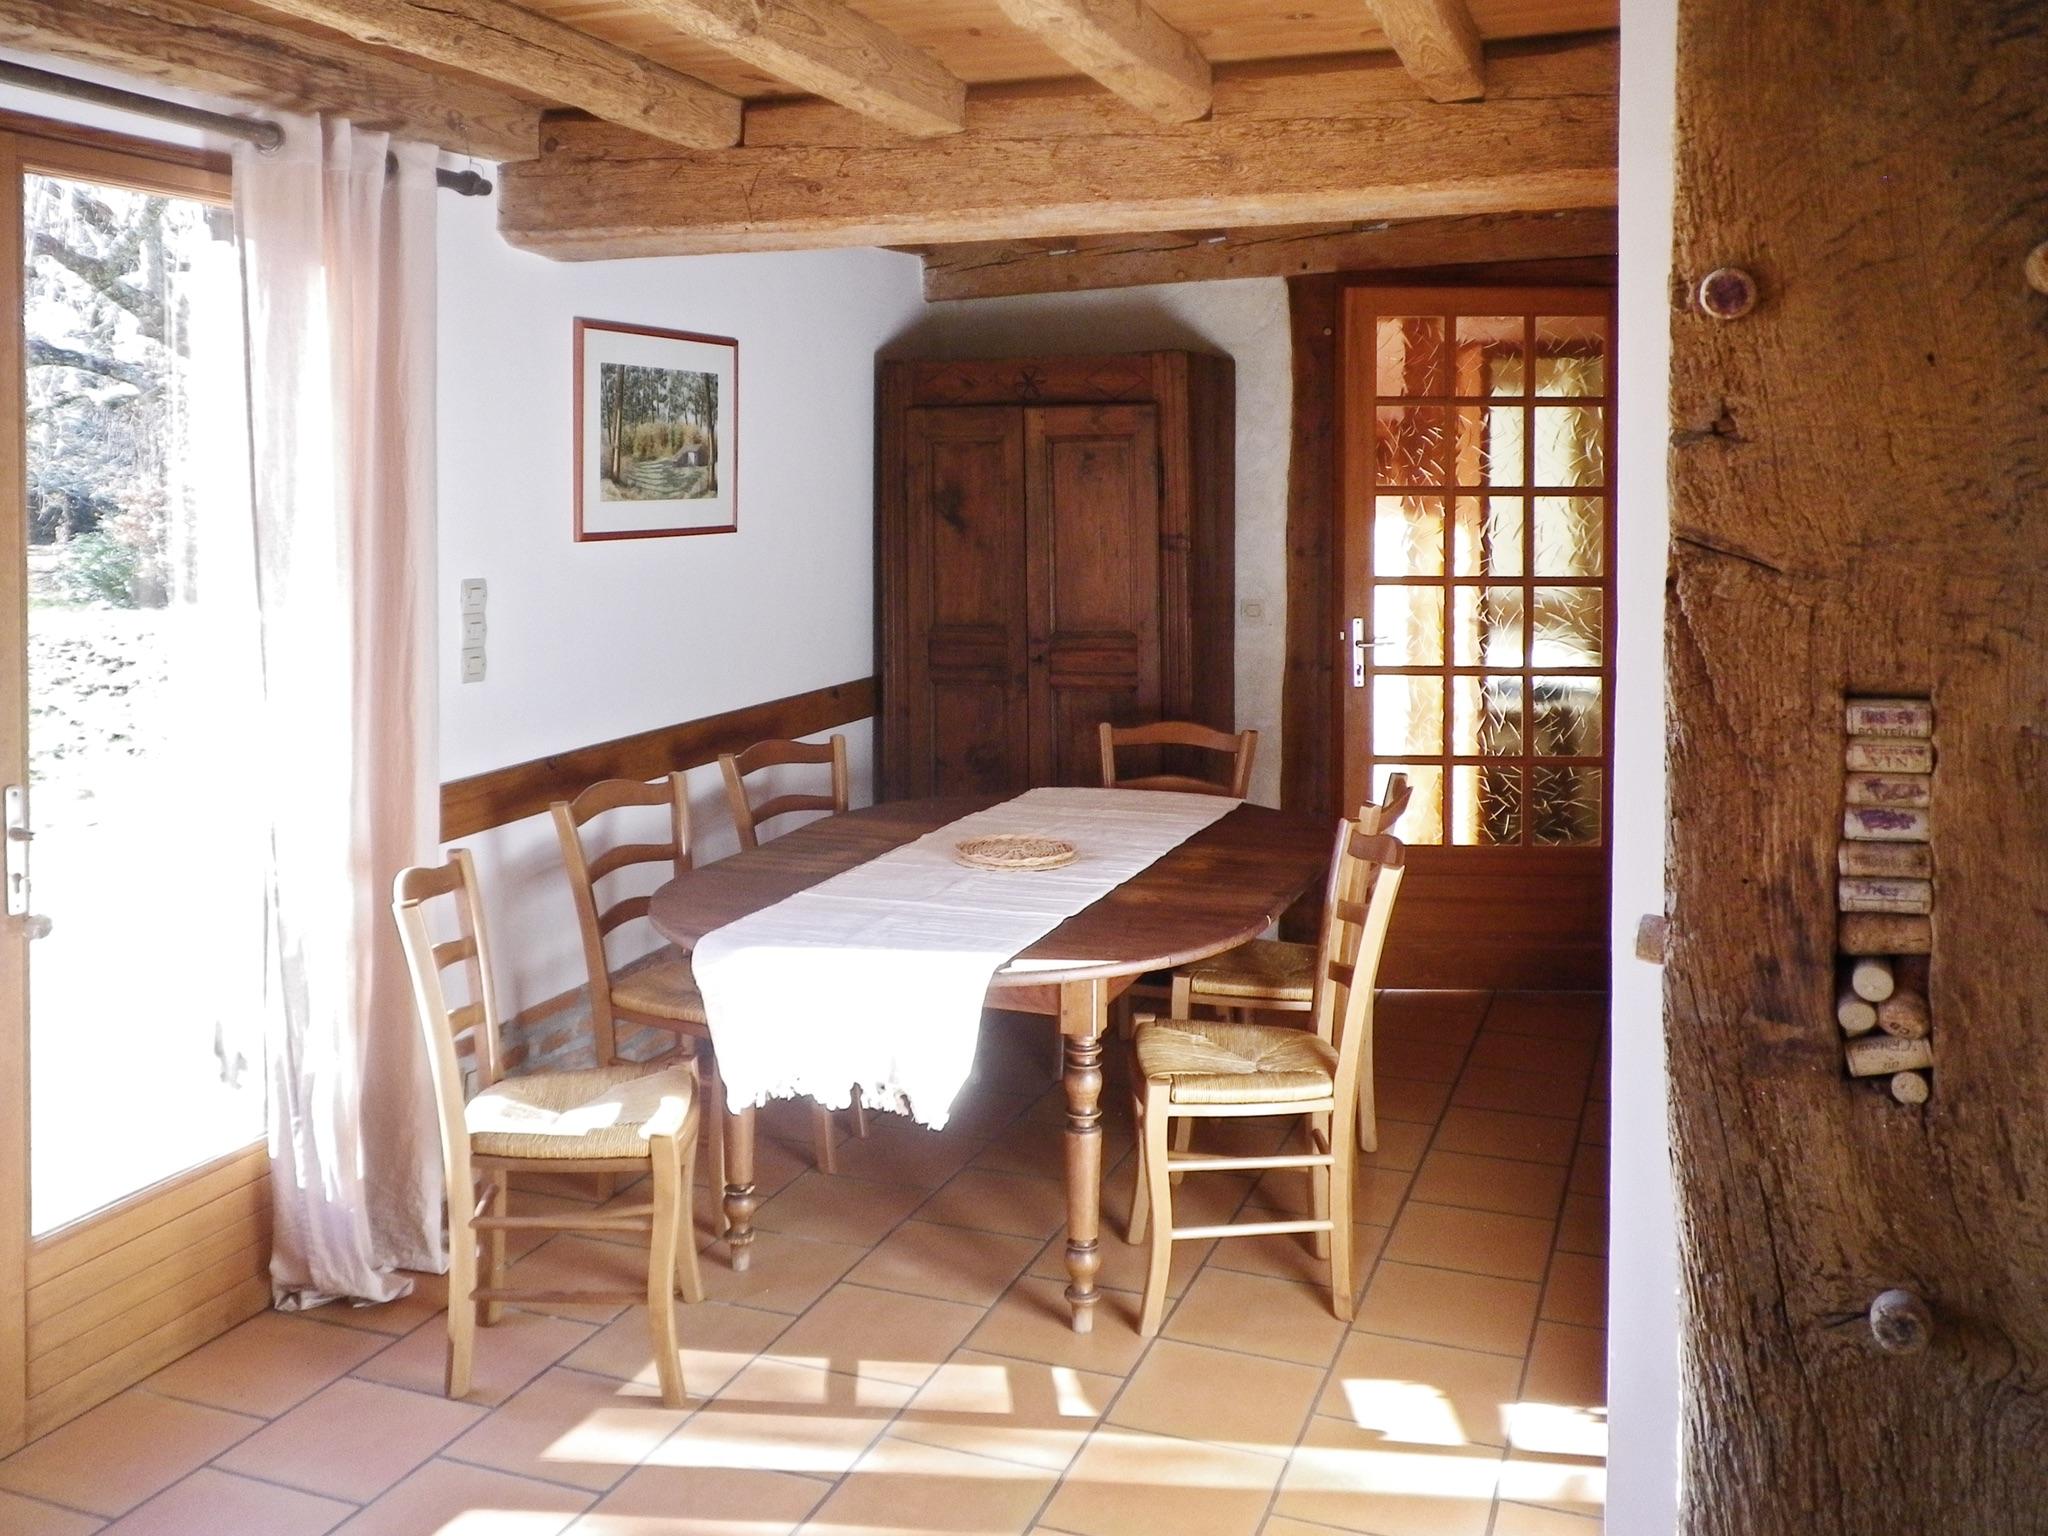 Ferienhaus Villa mit 4 Zimmern in Trensacq mit privatem Pool und möbliertem Garten - 45 km vom Strand (2202366), Trensacq, Landes, Aquitanien, Frankreich, Bild 7